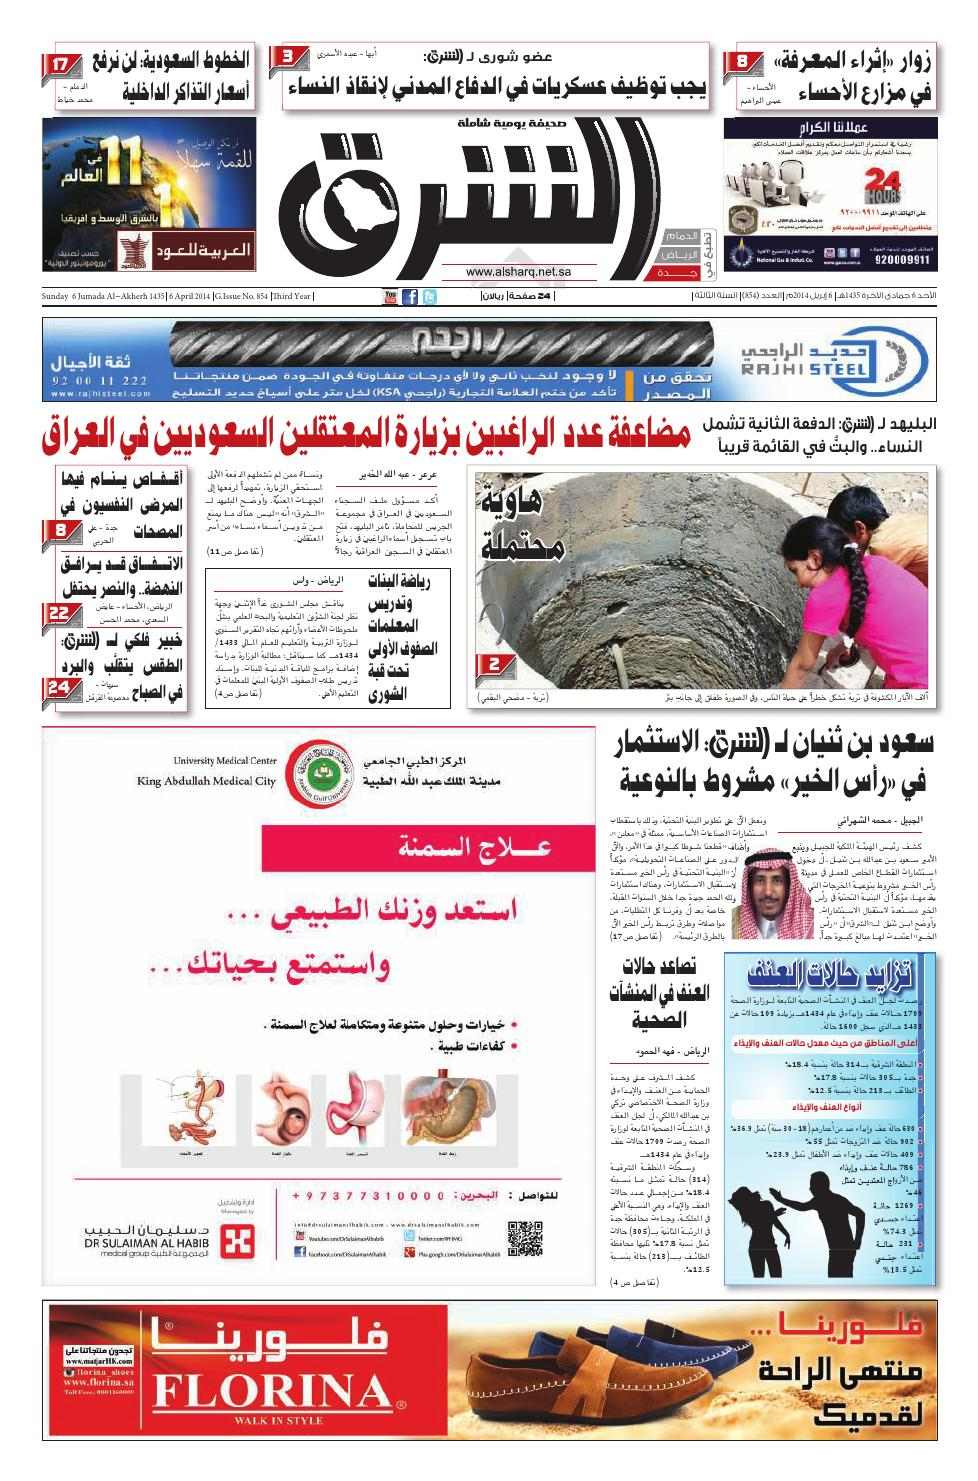 صحيفة الشرق العدد 854 نسخة جدة By صحيفة الشرق السعودية Issuu